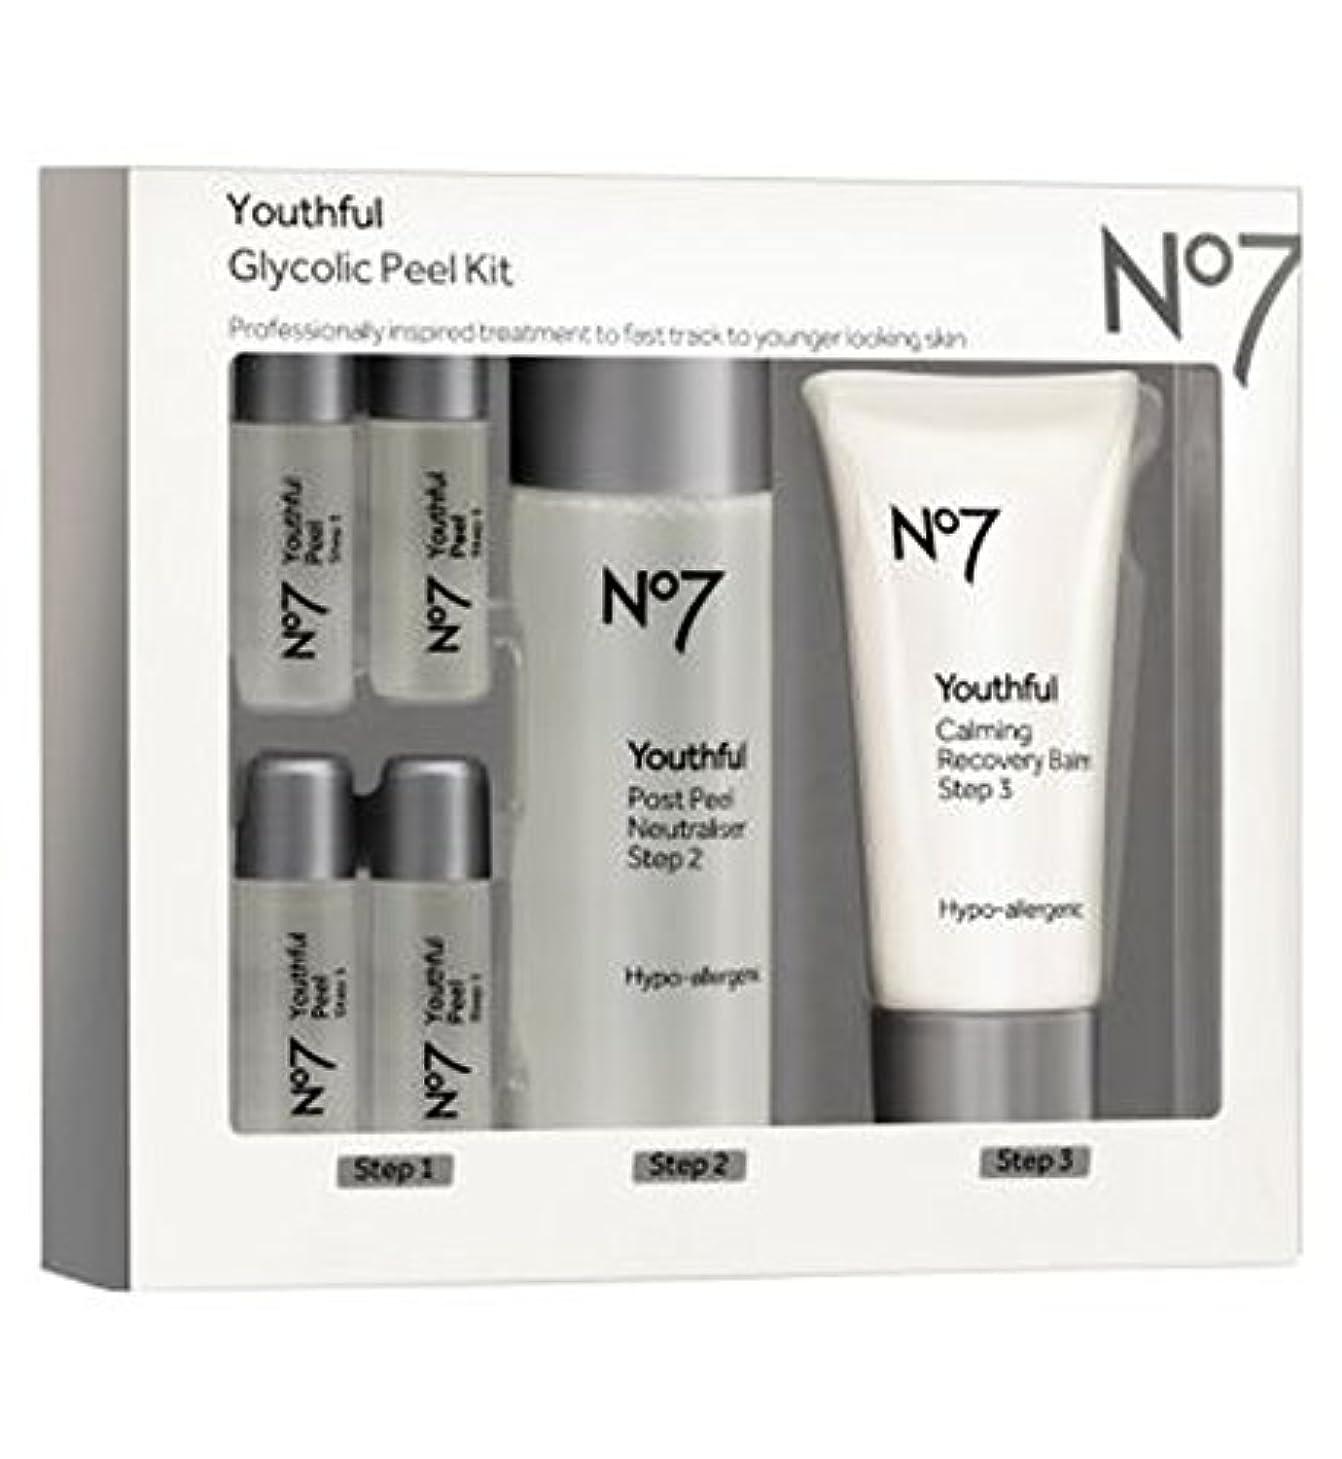 ドルポール繁栄するNo7 Youthful Glycolic Peel Kit - No7若々しいグリコールピールキット (No7) [並行輸入品]